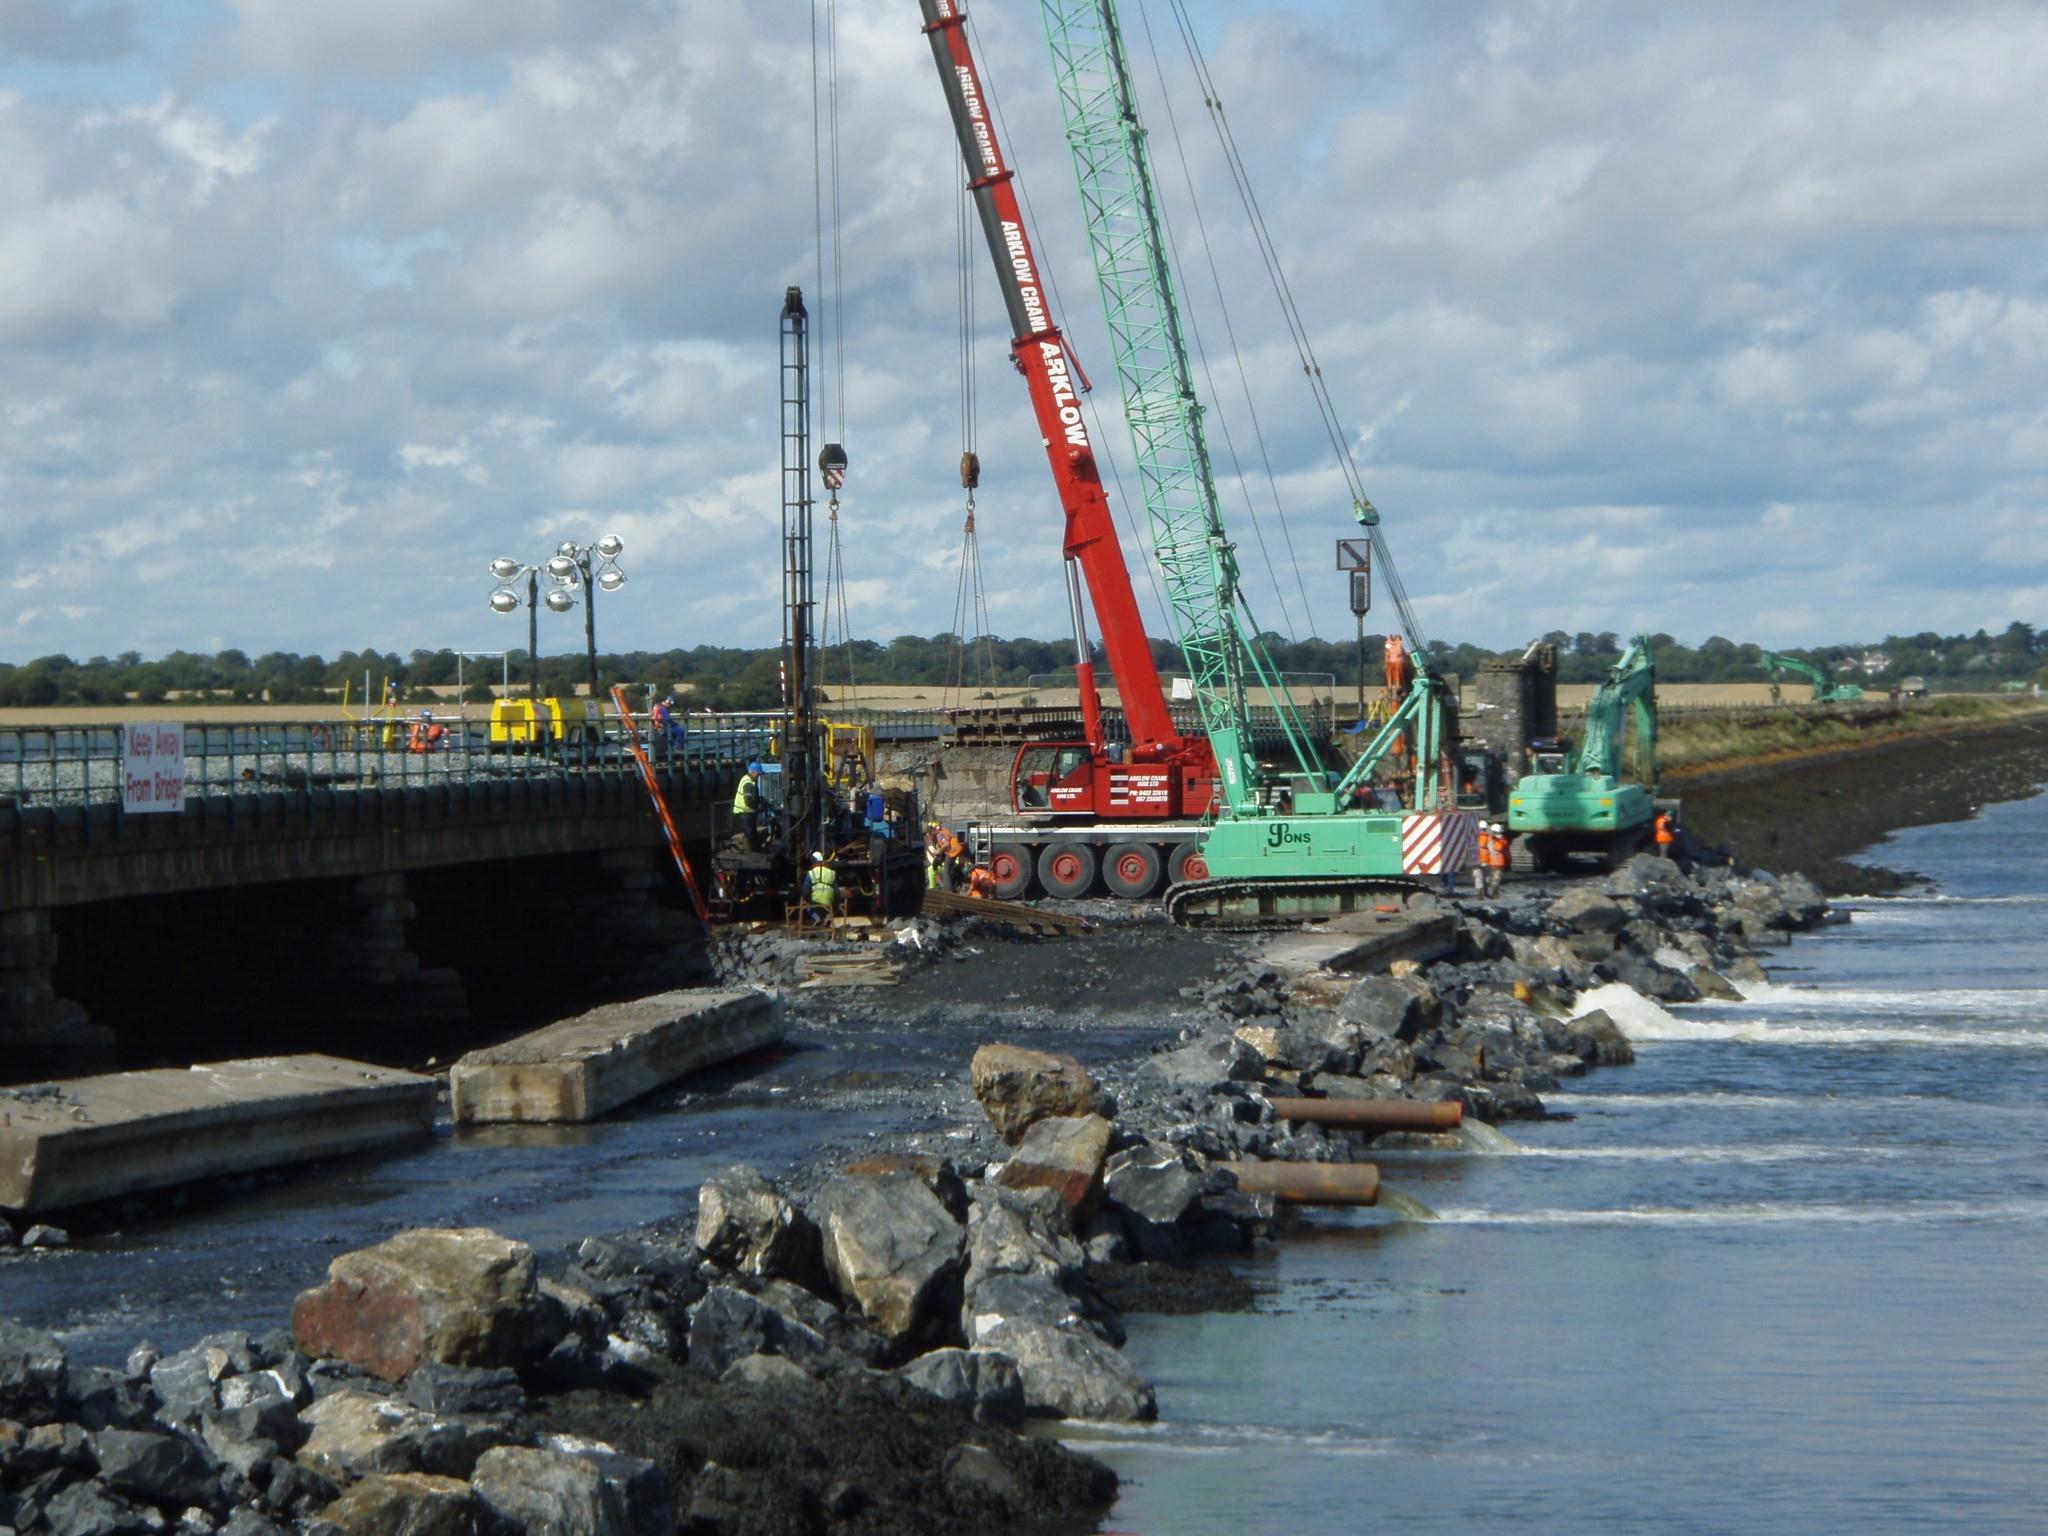 malahide viaduct under repair.JPG